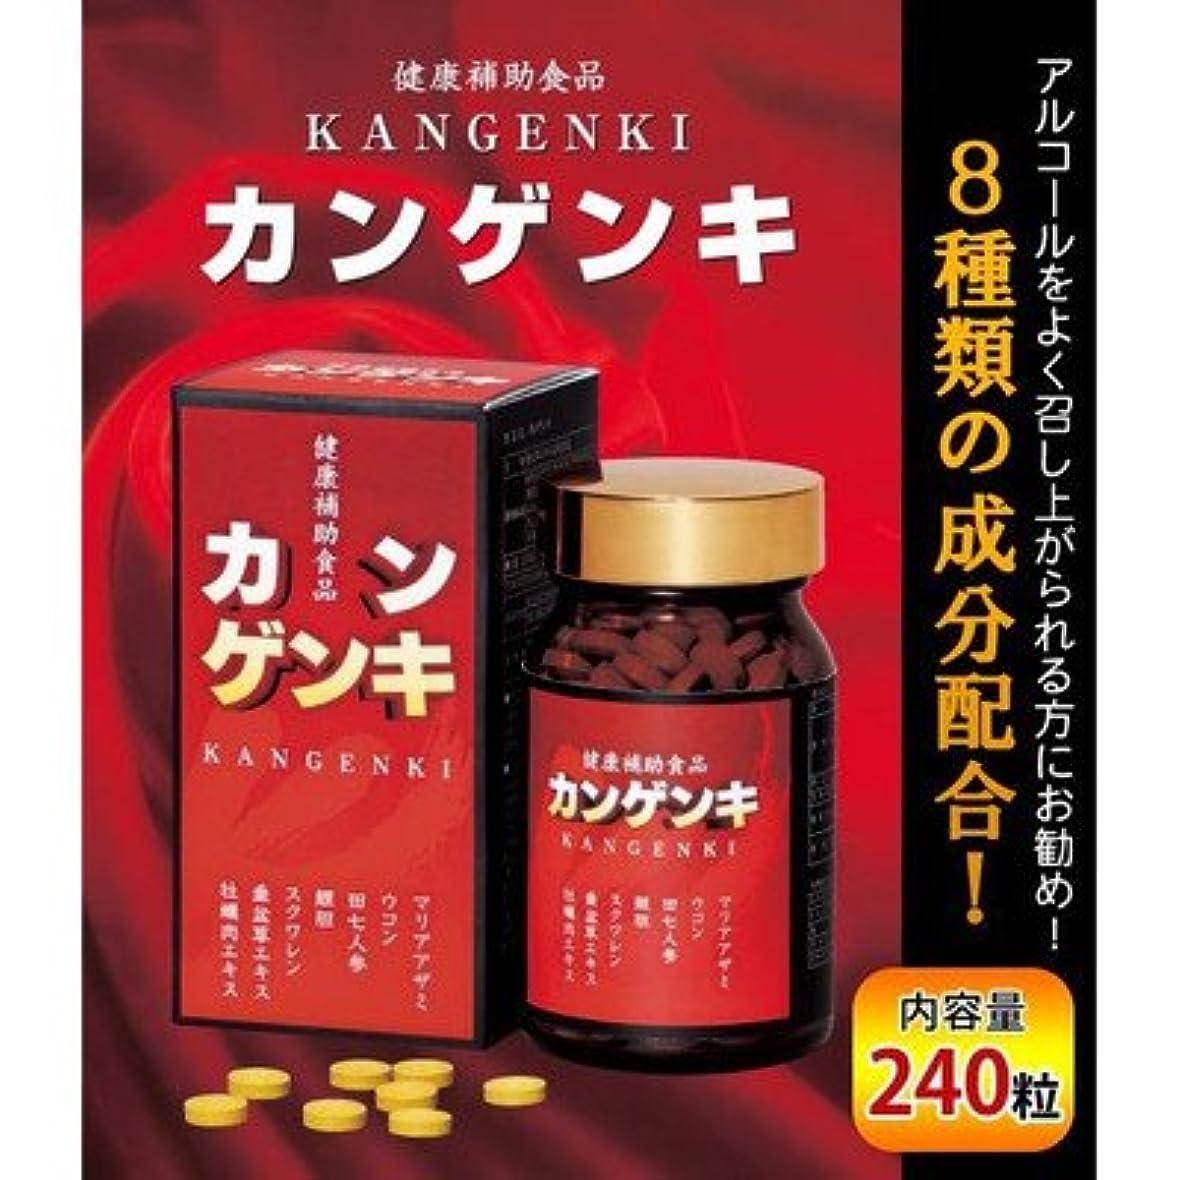 丁寧低いソーシャルカンゲンキ 240粒 (健康補助食品)